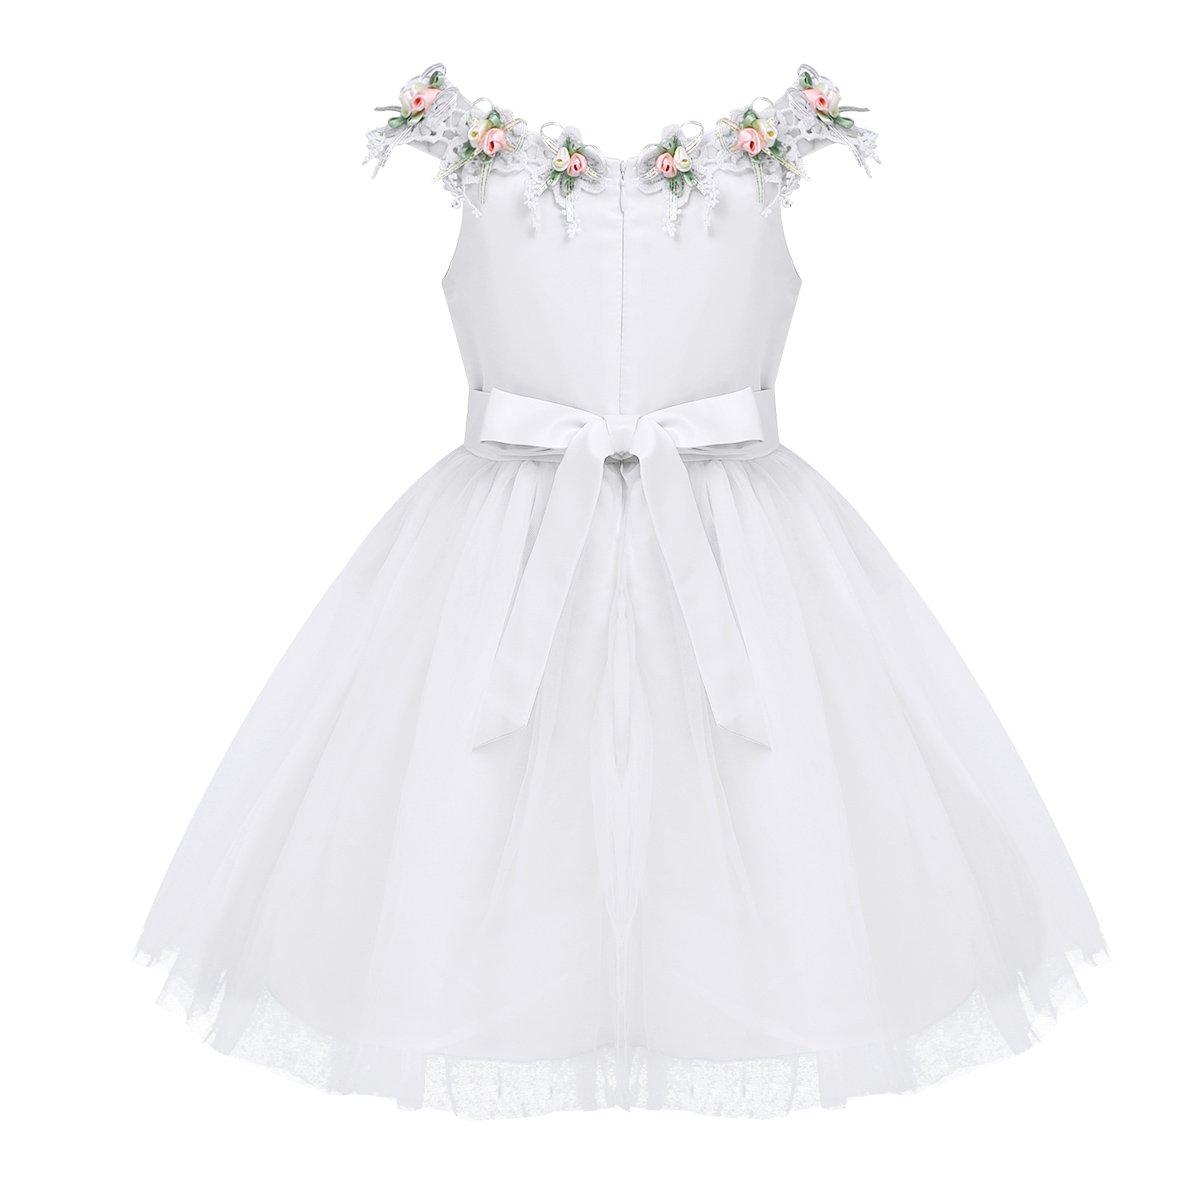 Freebily Baby M/ädchen Satin Kleid mit Blumen S/ü/ßes Prinzessin Kleid Festlich Hochzeit Blumenm/ädchenkleid Partykleid Rosa Wei/ß Blau in Gr.74-116